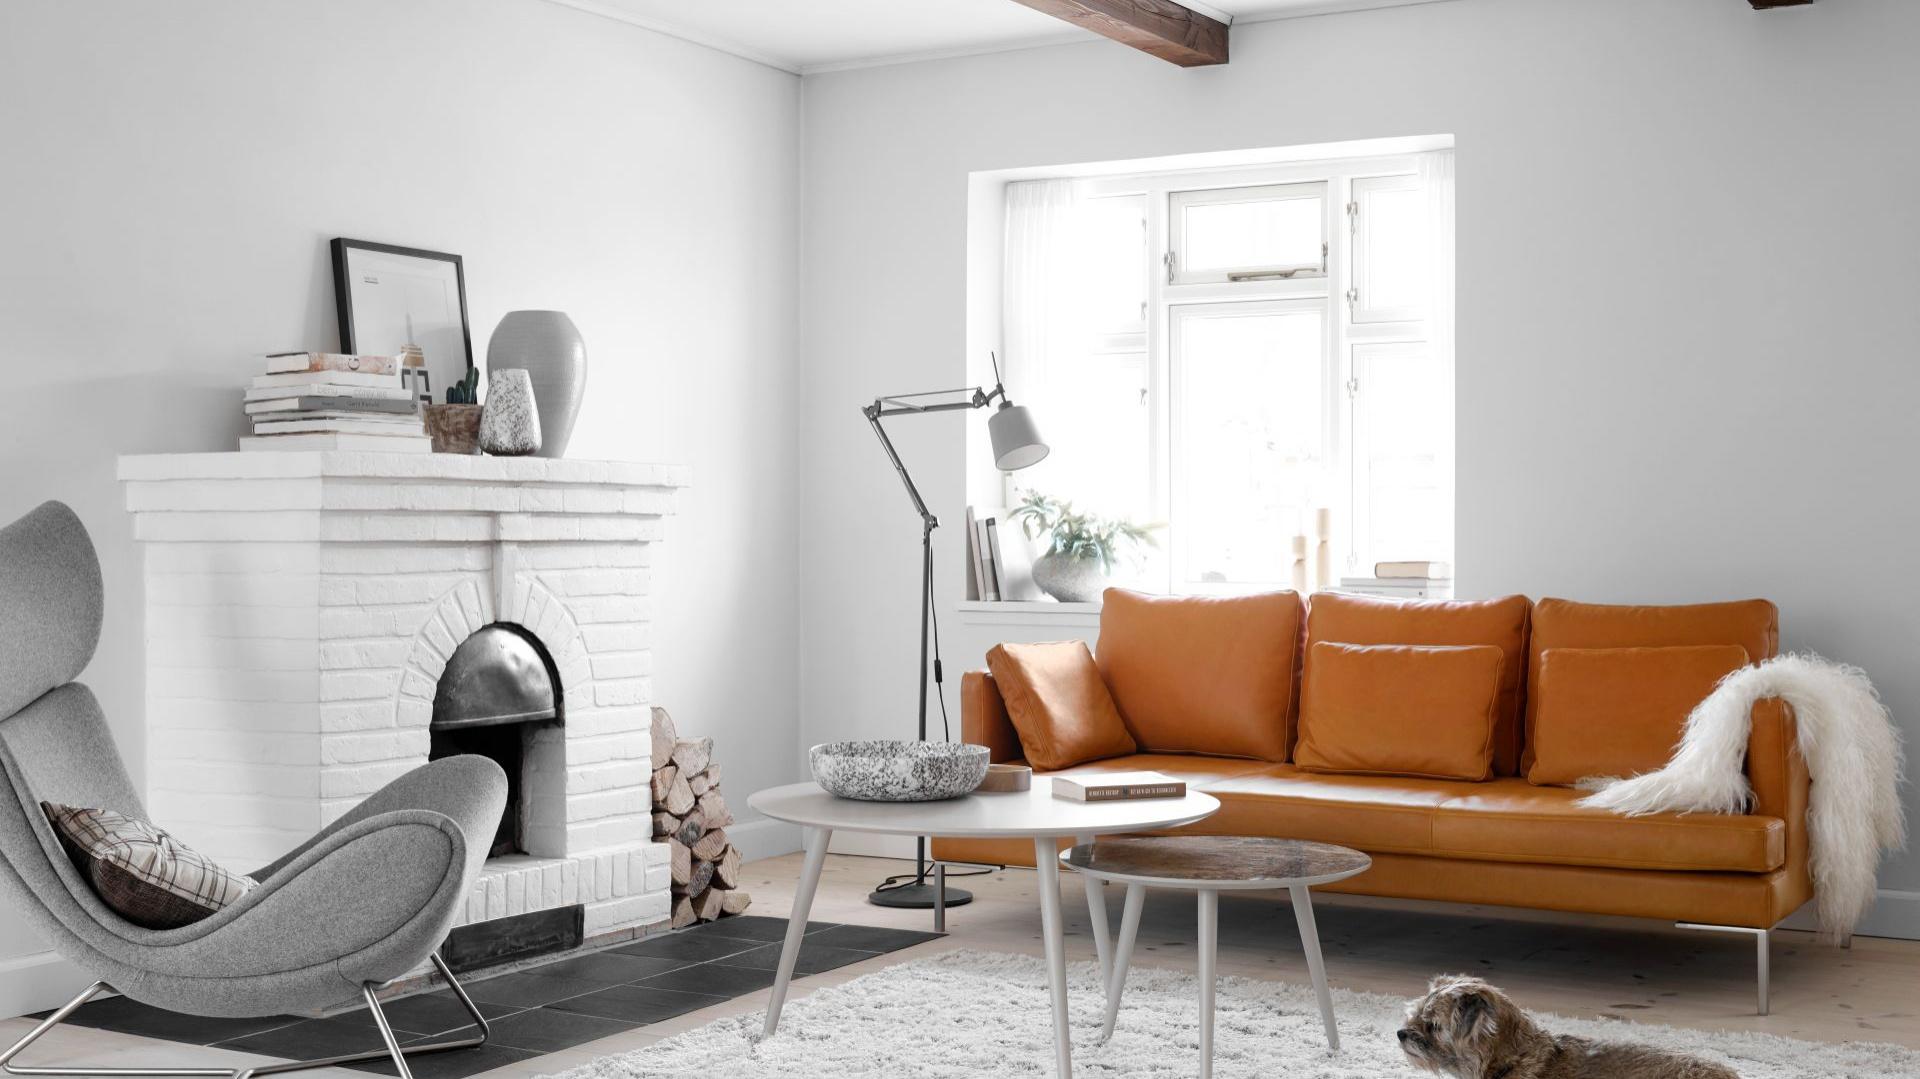 Elegancka sofa Istra 2 dostępna jest w ponad 100 różnych tkaninach i skórach, dzięki czemu można dostosować ją do swoich potrzeb i stylu. Luźne poduchy oparcia, dostępne w dwóch różnych rozmiarach, zapewniają dodają sofie uroku.Fot. BoConcept.